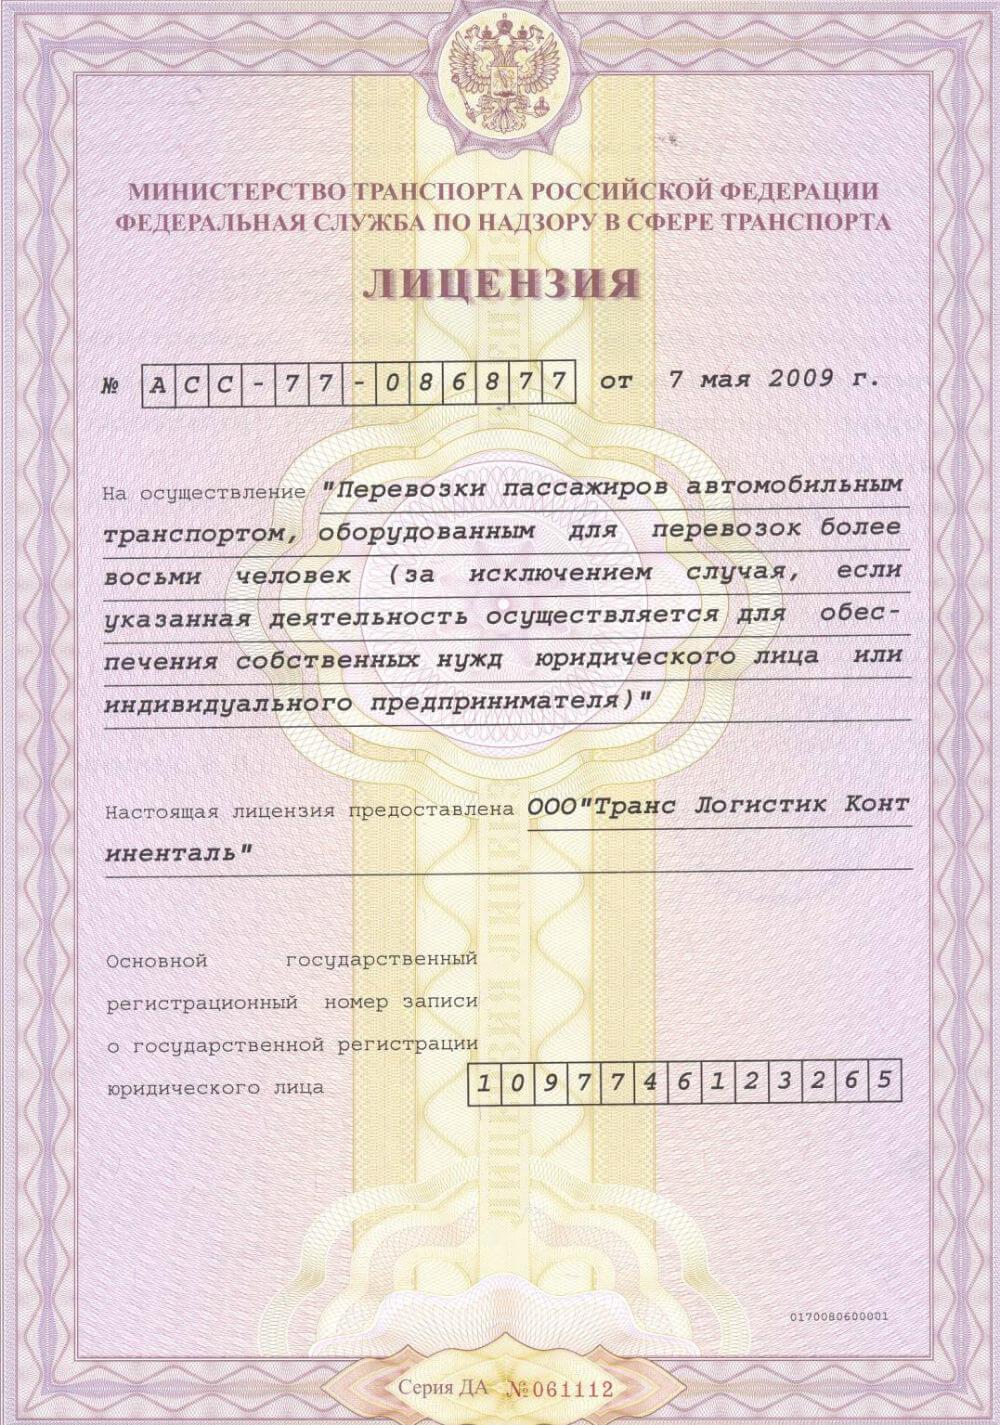 Лицензия на оказание транспортных услуг